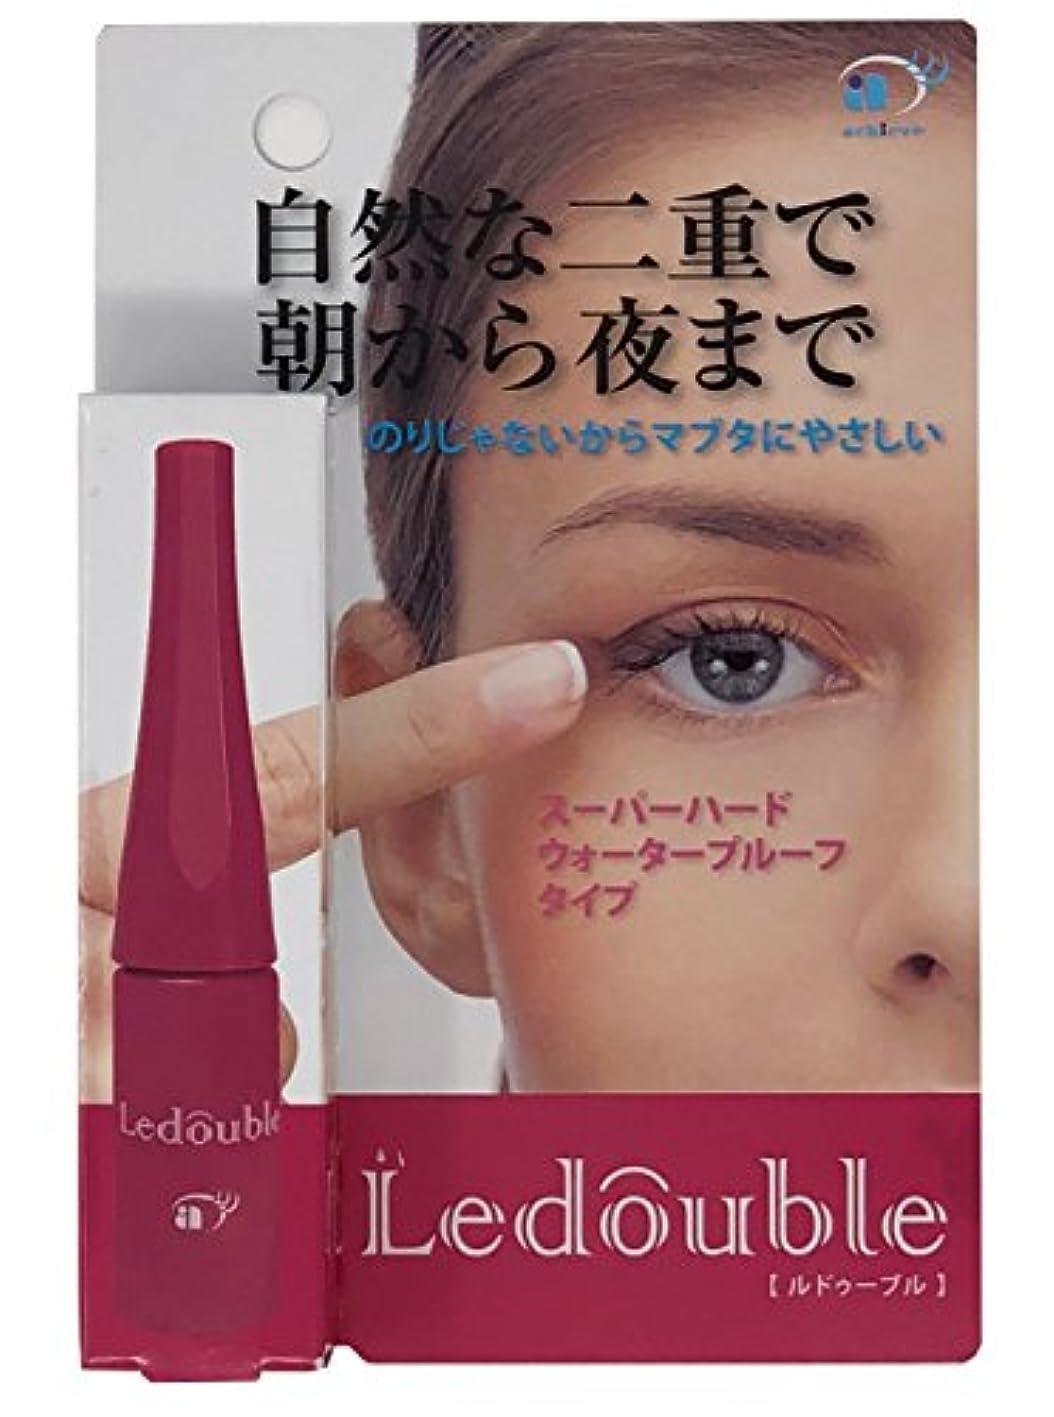 ハウス間田舎者Ledouble [ルドゥーブル] 二重まぶた化粧品 (4mL) 限定200%増量